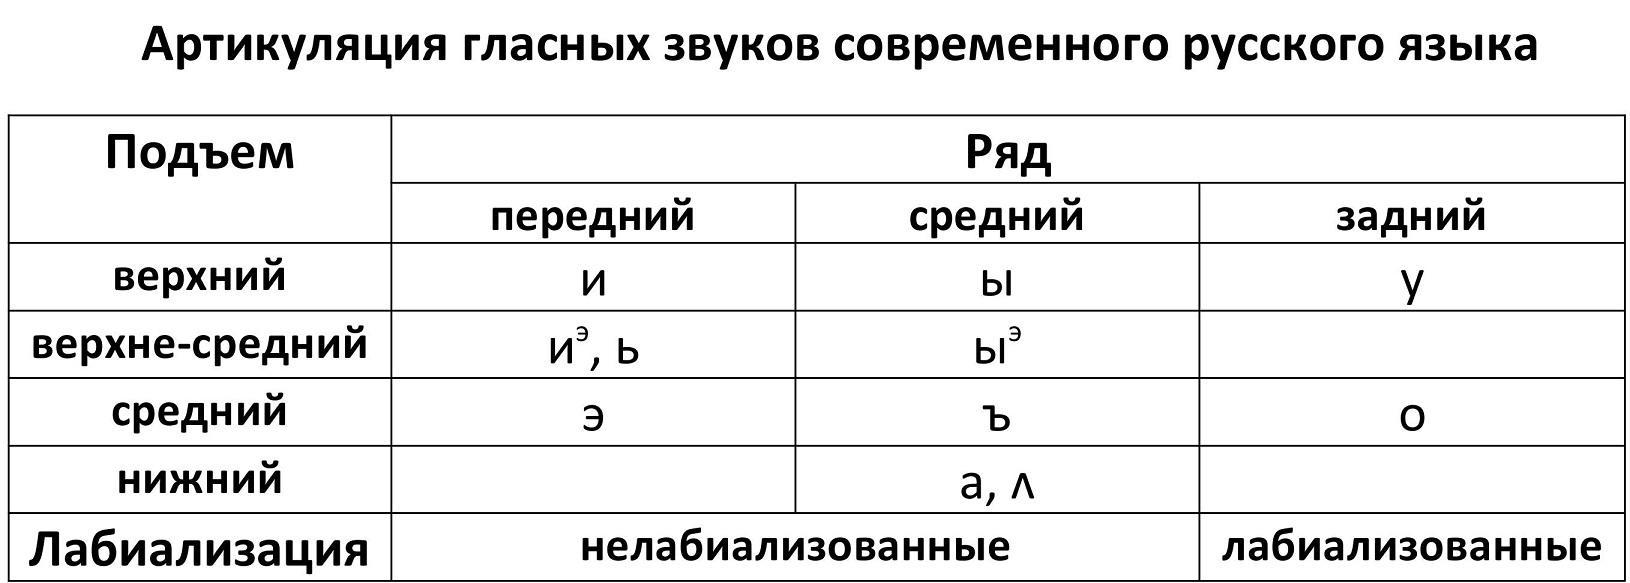 Гласные звуки современного русского языка